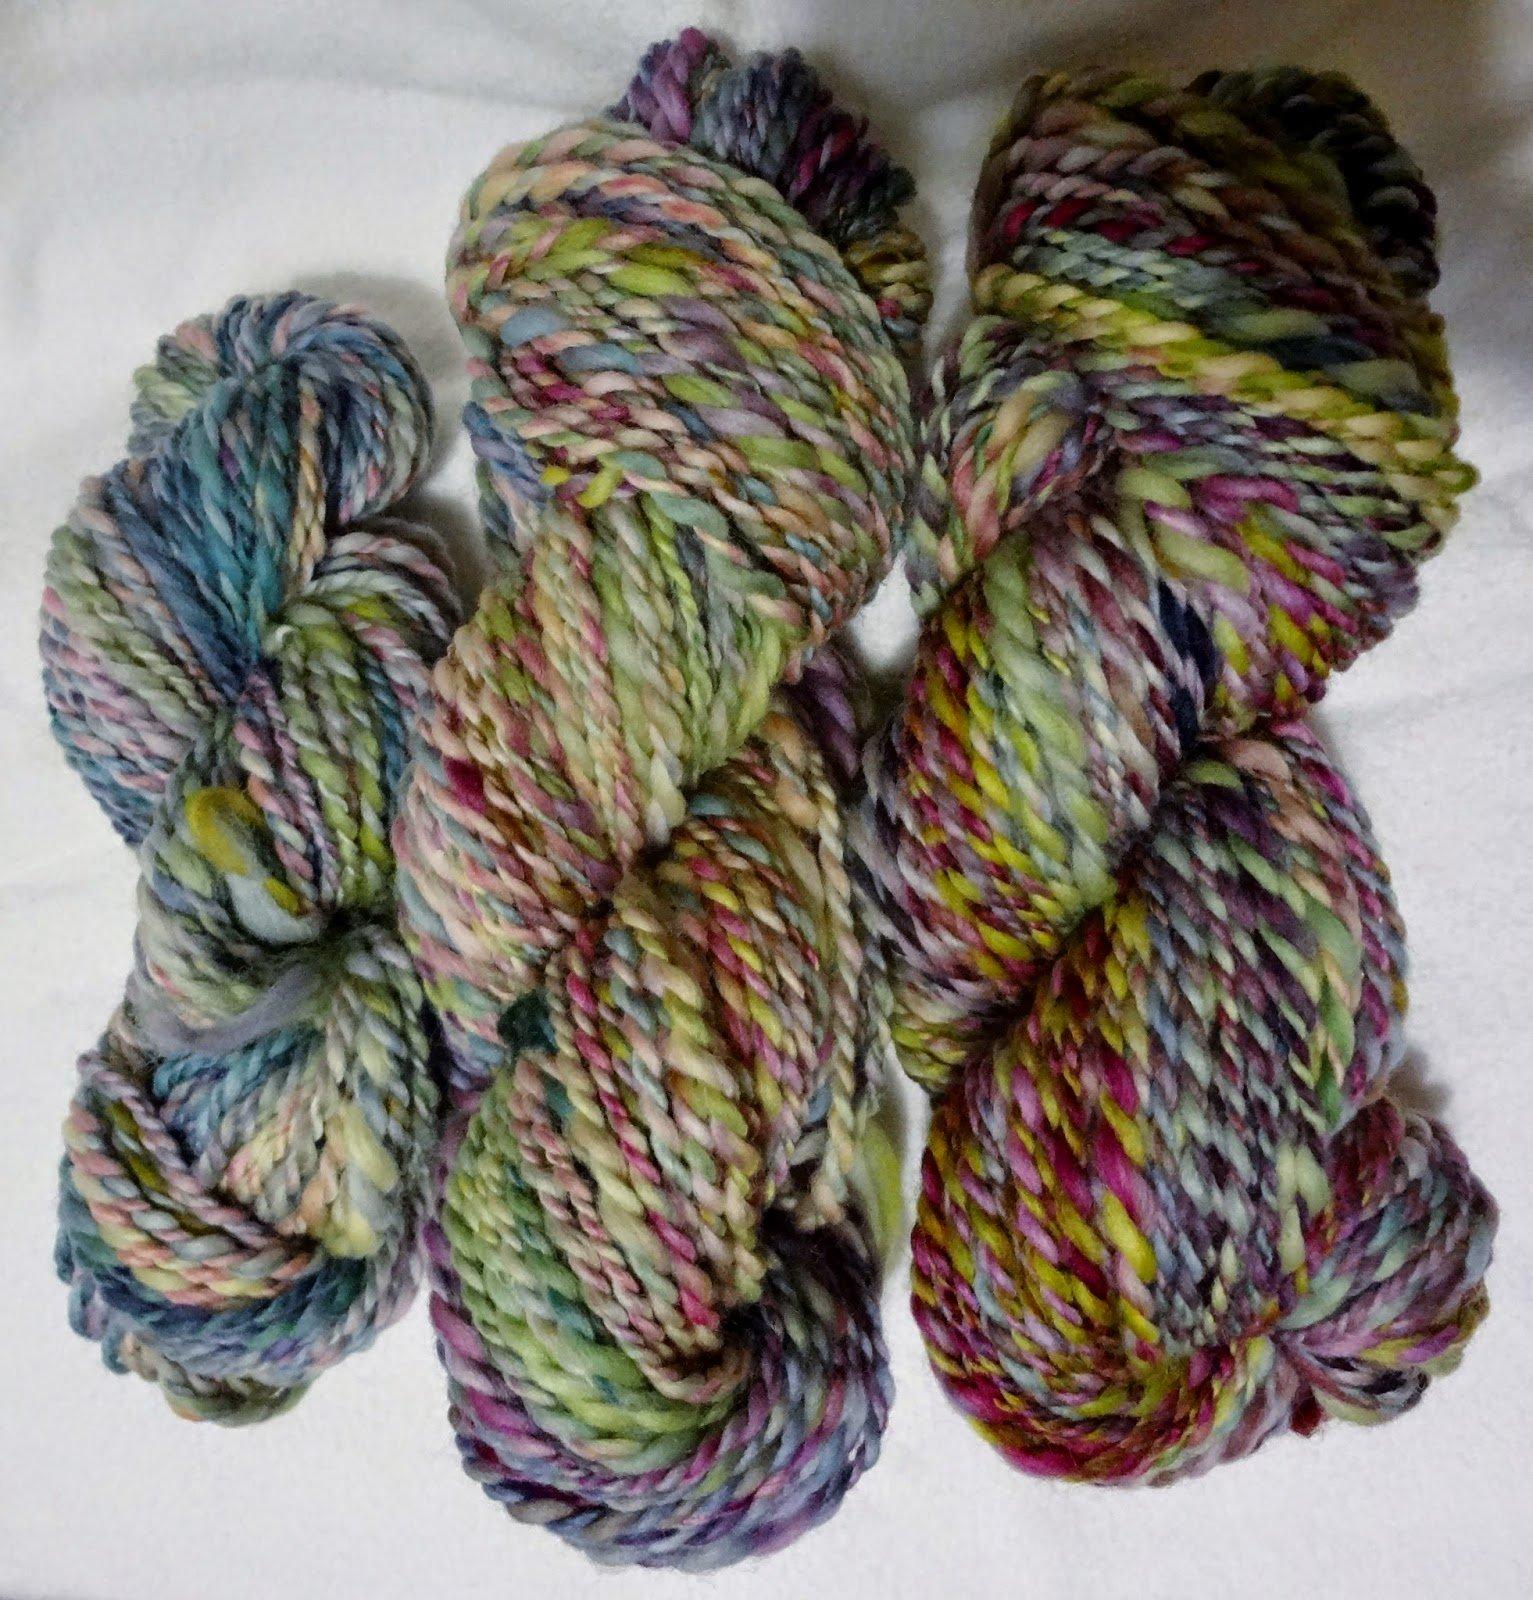 Three skeins of handspun yarn on a white background.